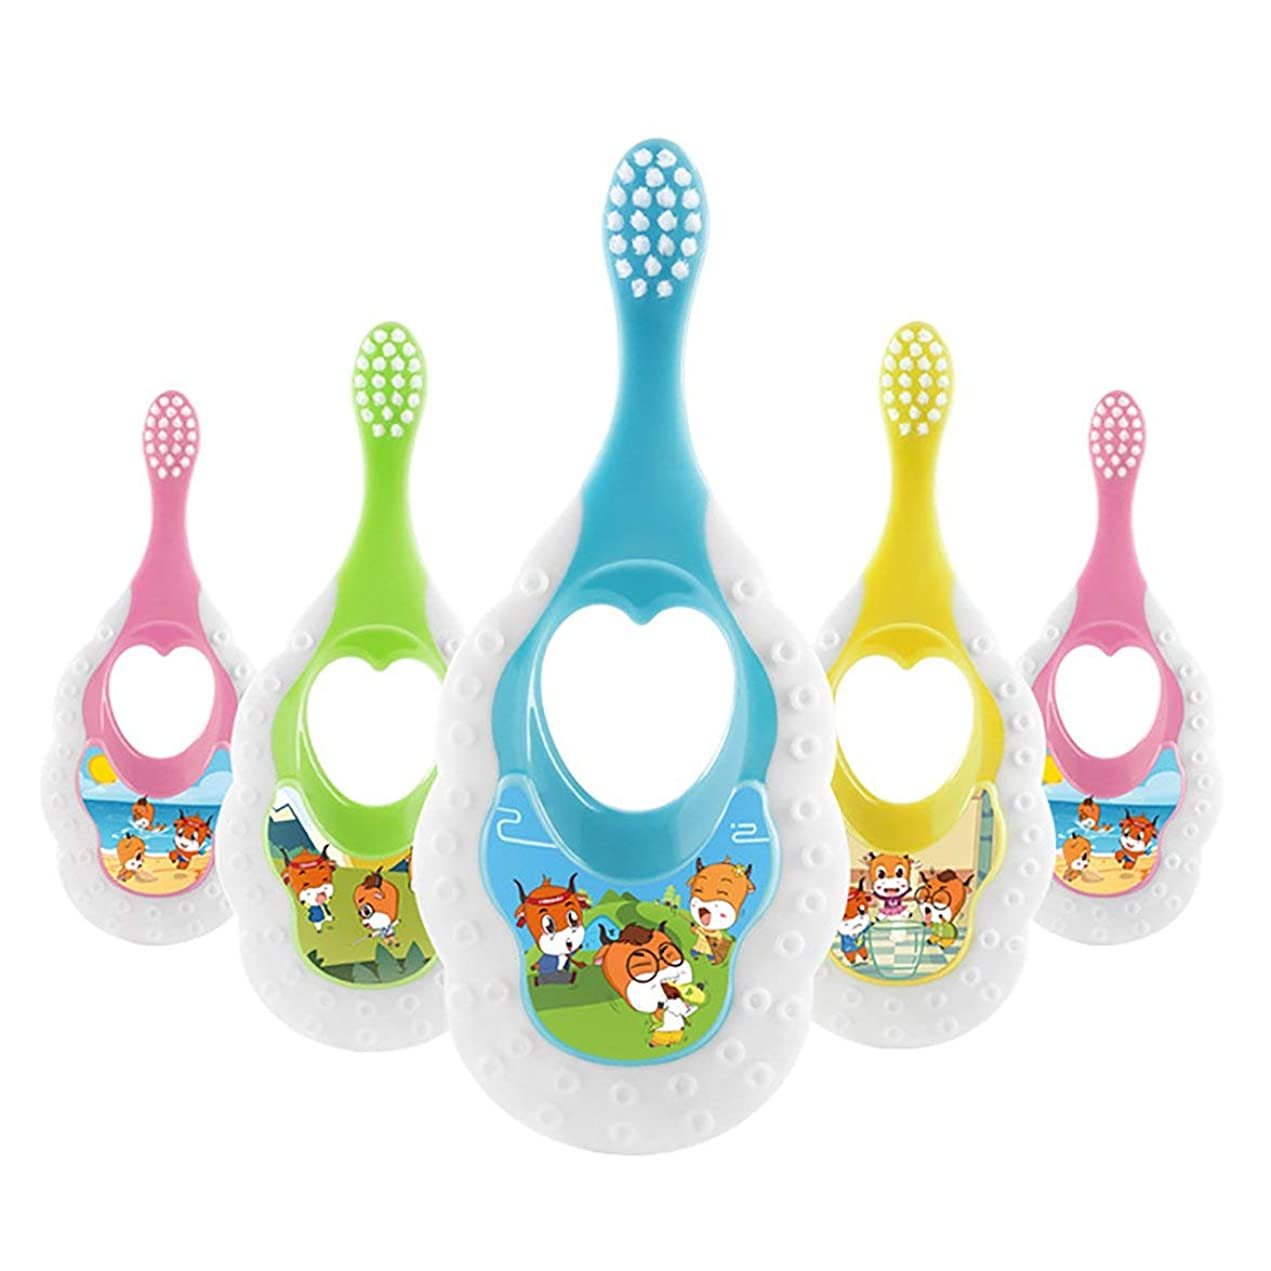 考える復活する儀式Intercoreyかわいいデザイン子供柔らかい髪歯ブラシ漫画パターン歯ブラシヘッド歯ブラシ用子供1-3歳